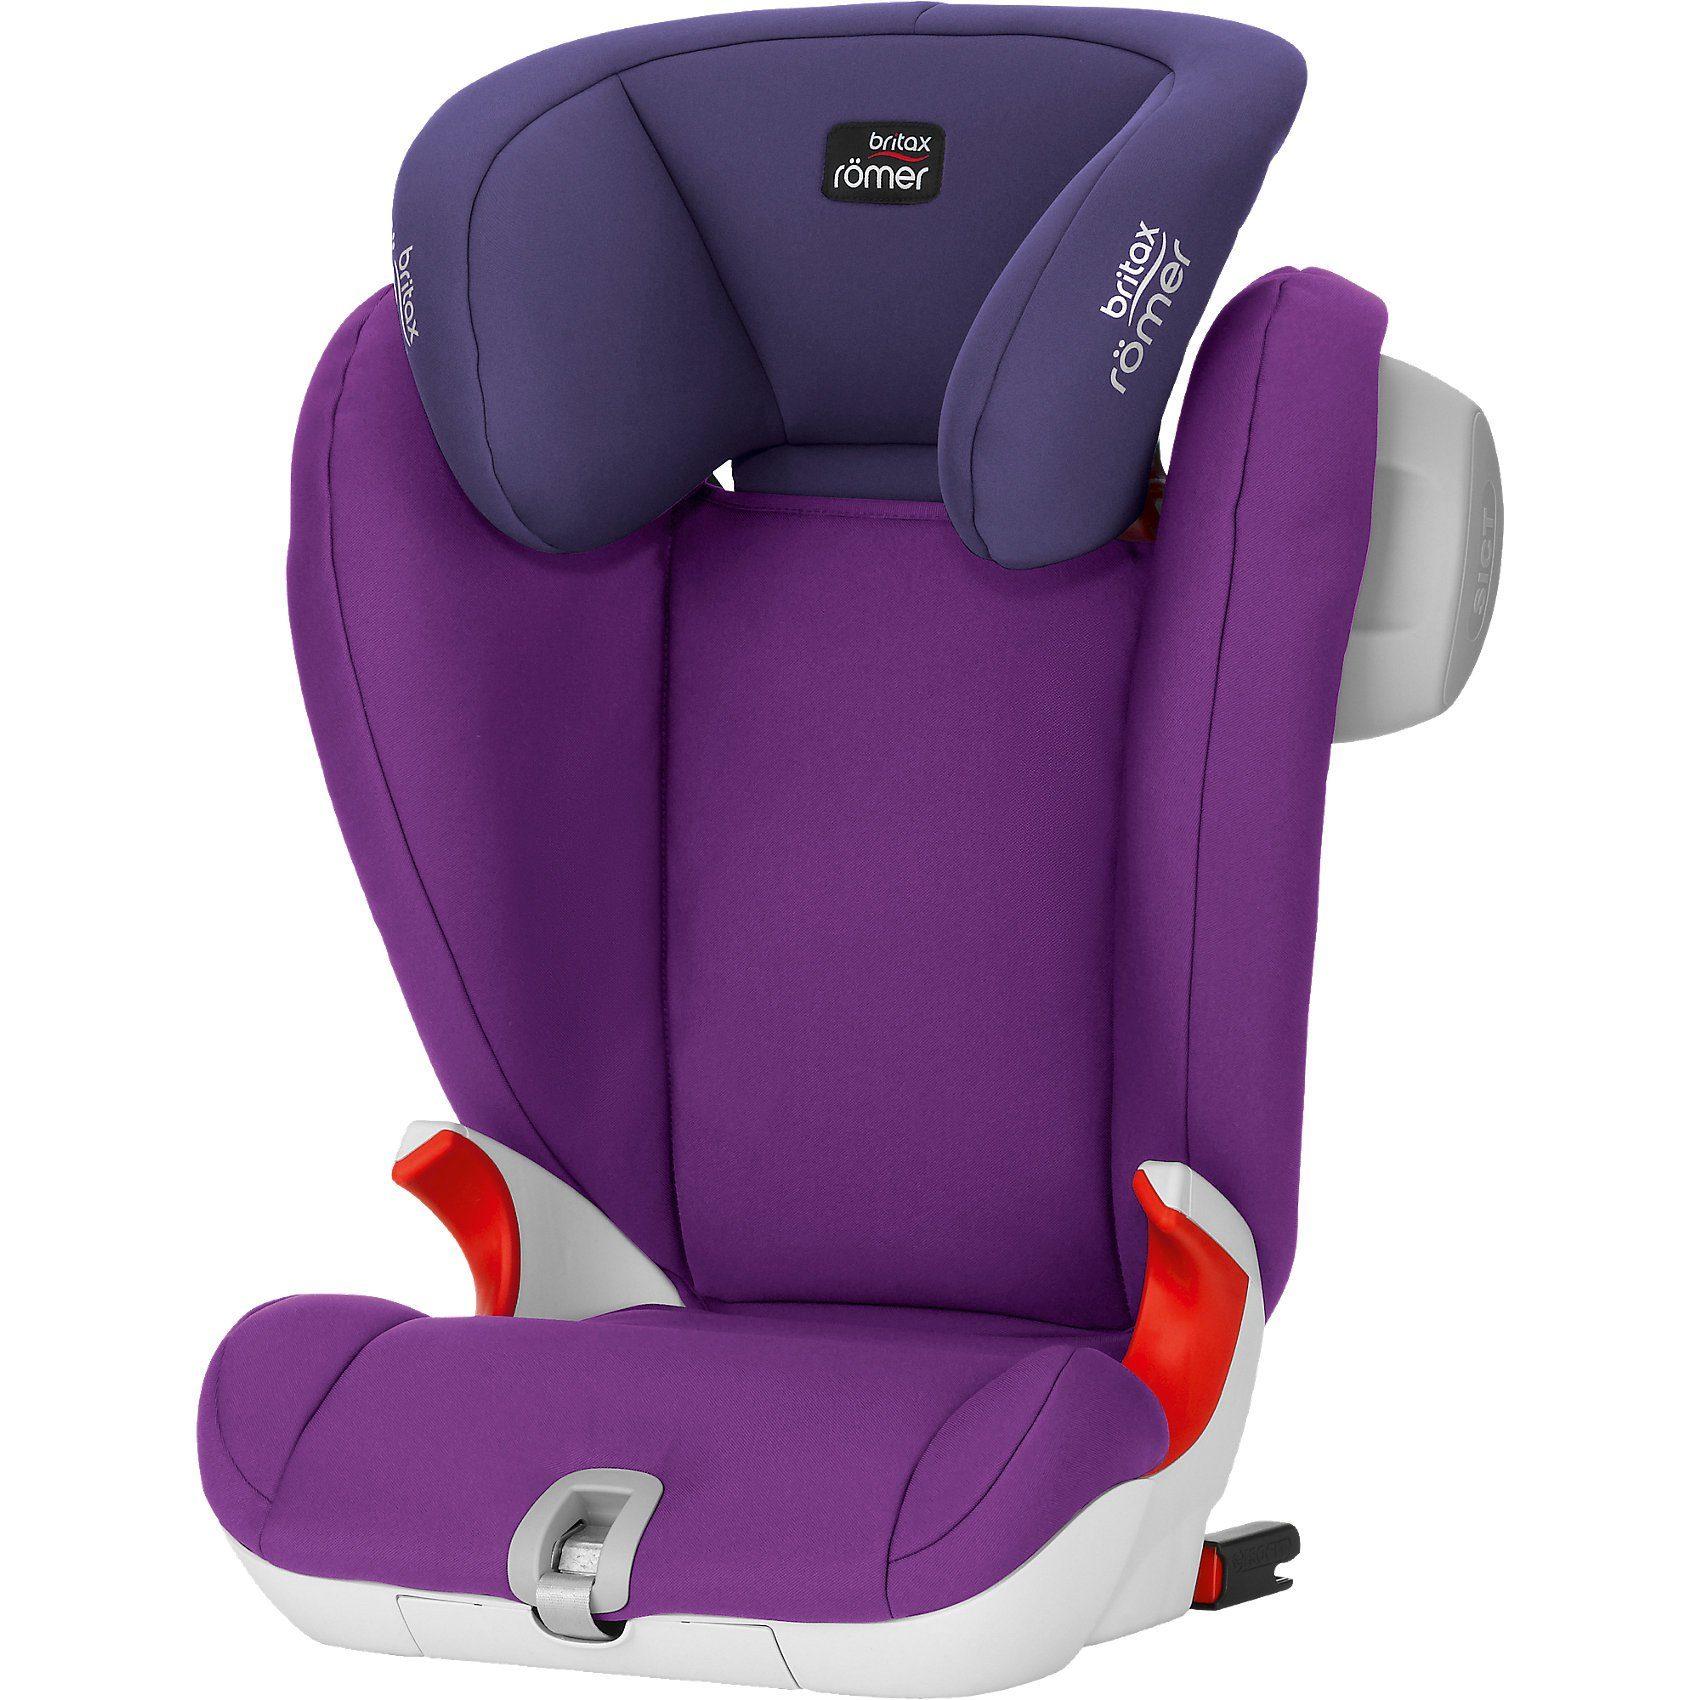 Britax Römer Auto-Kindersitz Kidfix SL Sict, Mineral Purple, 2016